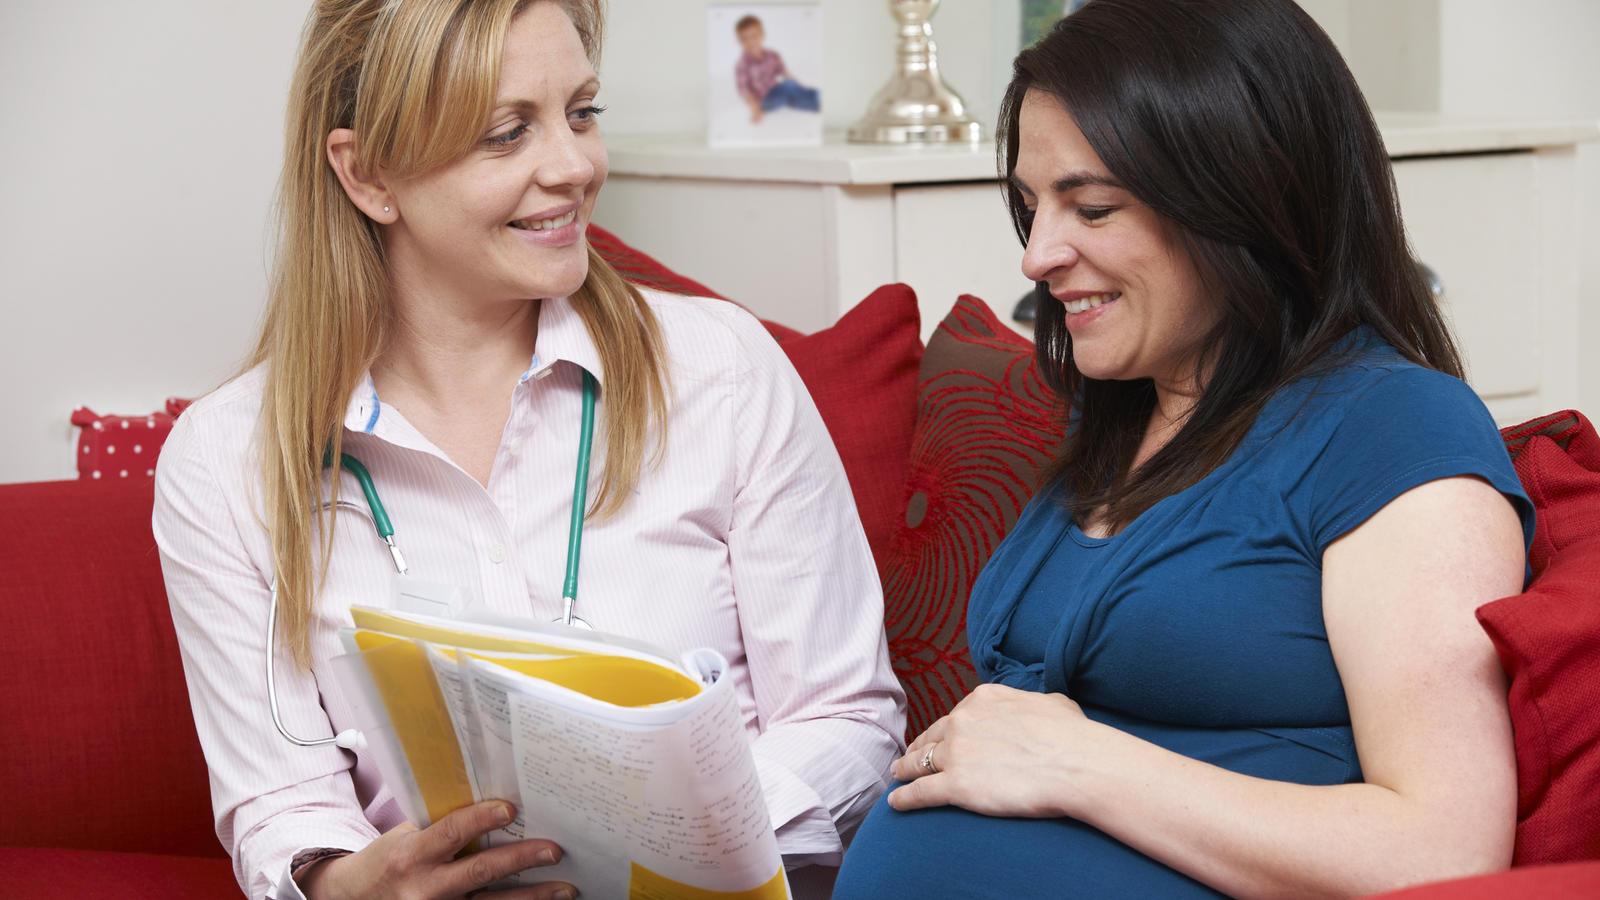 Eine Hebamme ist nicht nur Geburtshelferin, sondern auch erste Ansprechpartnerin für die werdende Mutter